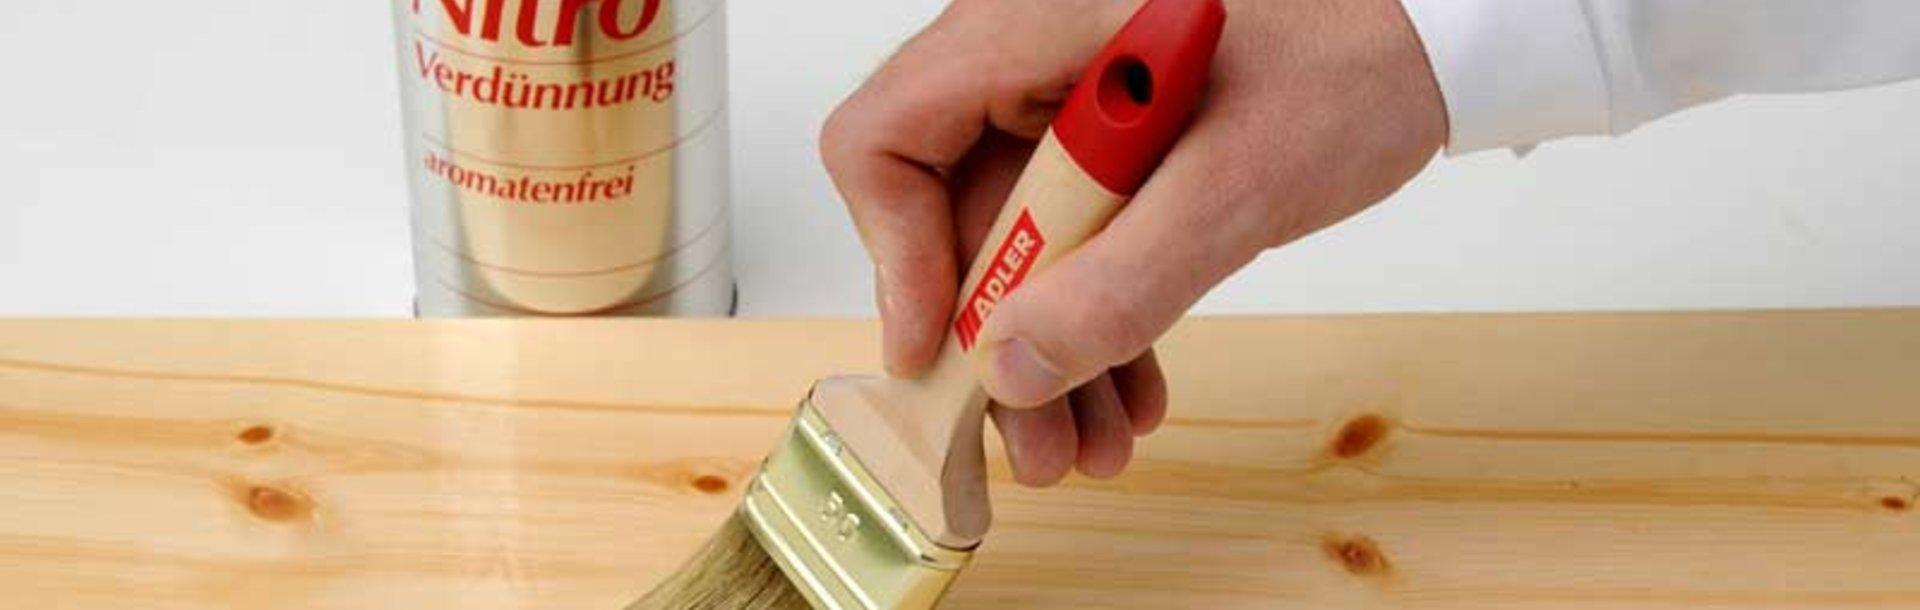 Come Scartavetrare Il Legno rimuovere la resina con i solventi - adler vernici